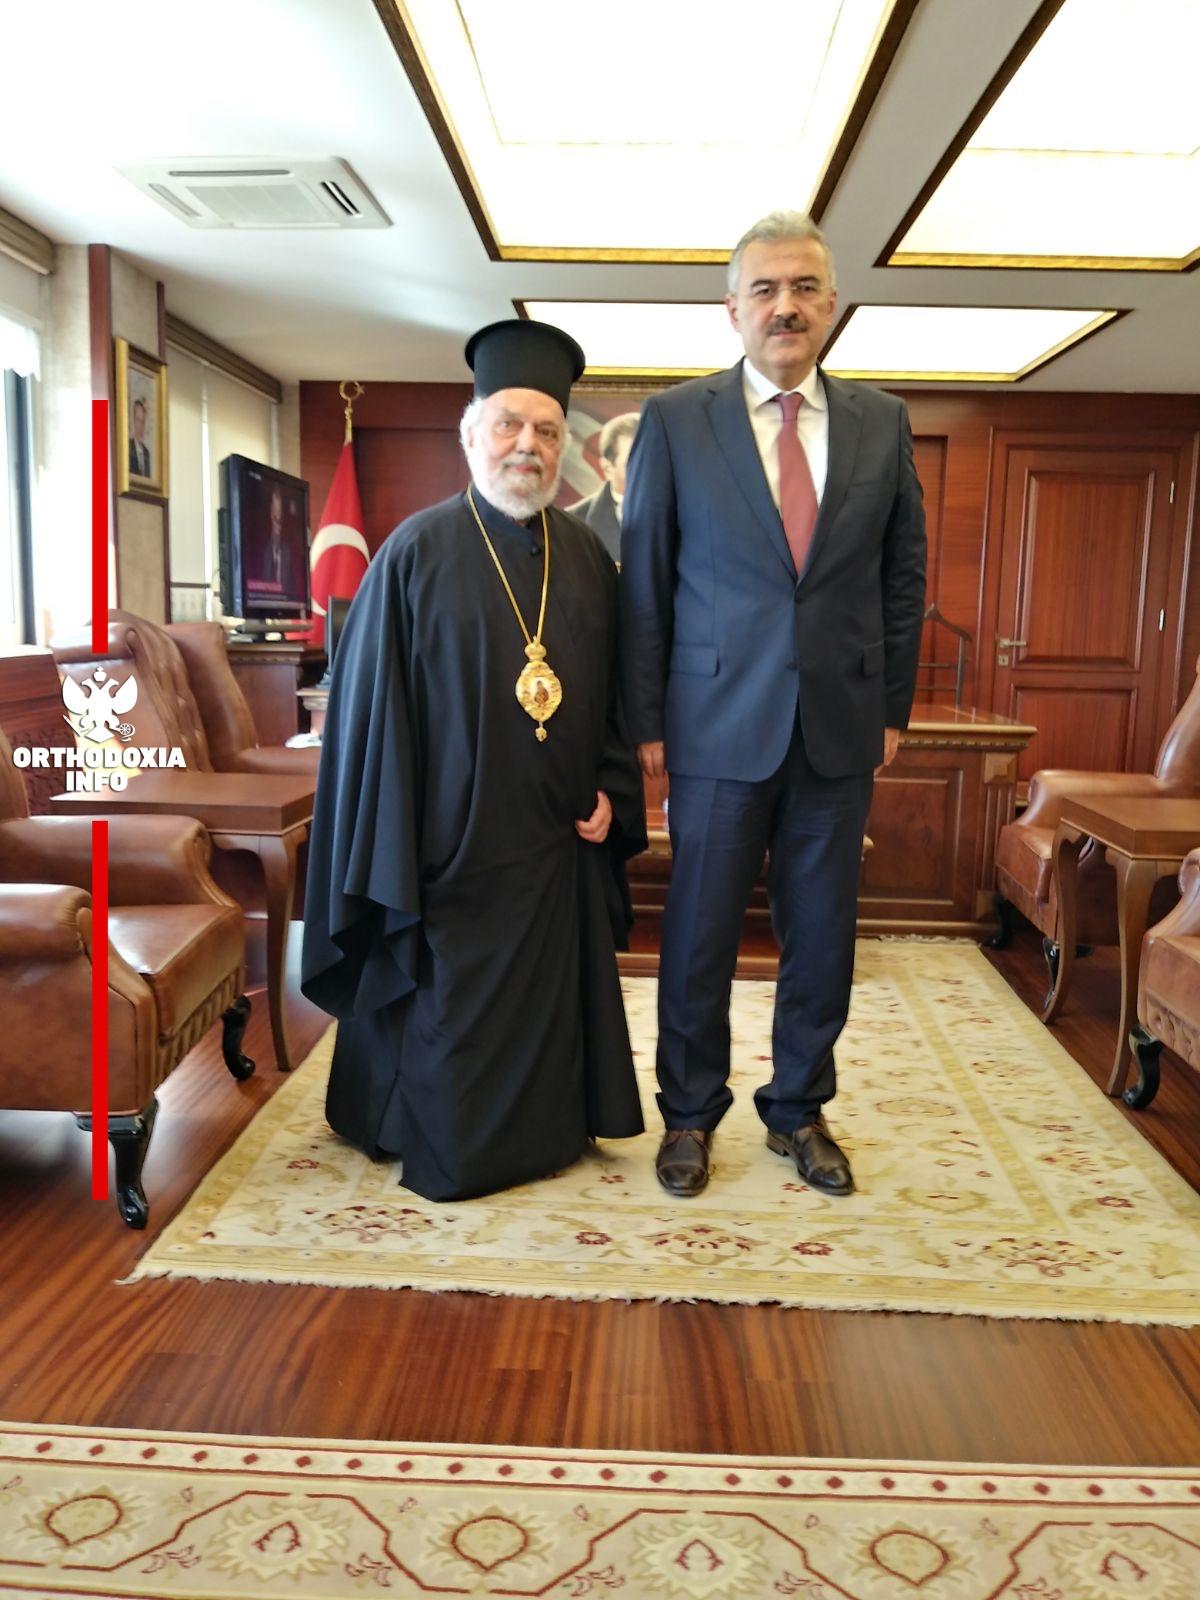 Με τον Νομάρχη Σμύρνης κ. Erol Ayyildiz